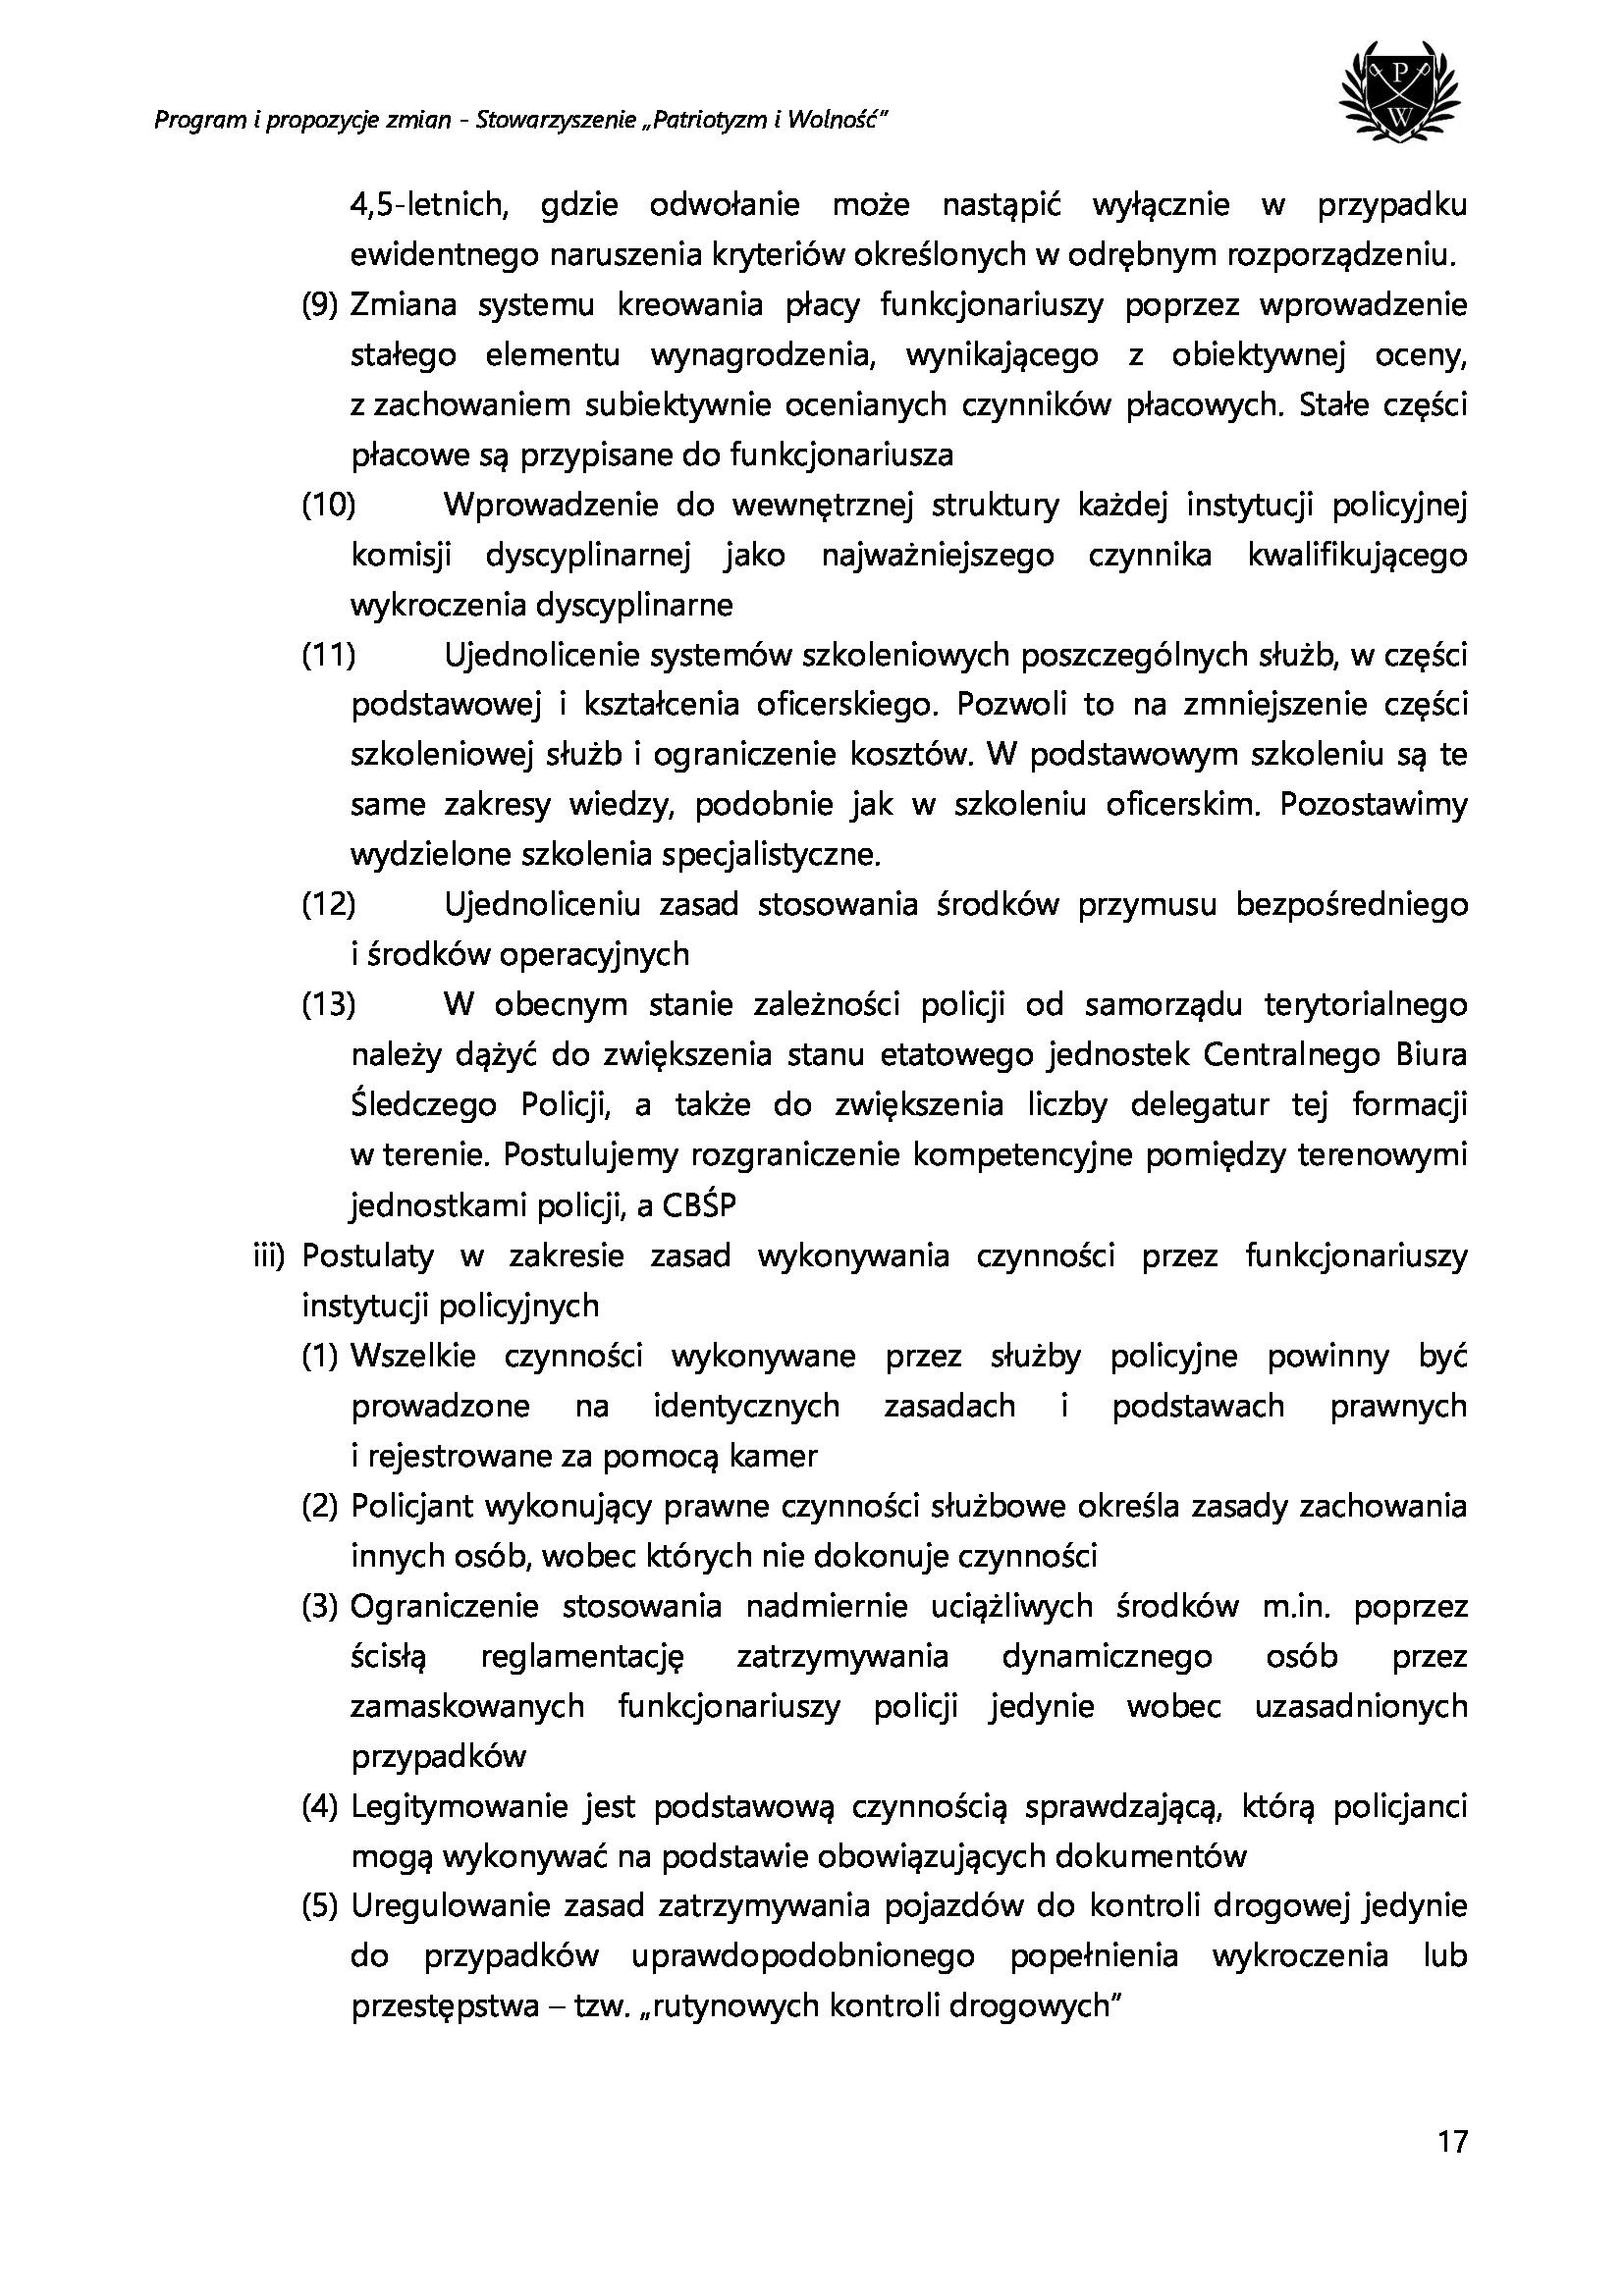 db9e272ef5a9a2e66d26f1905be6c507-17